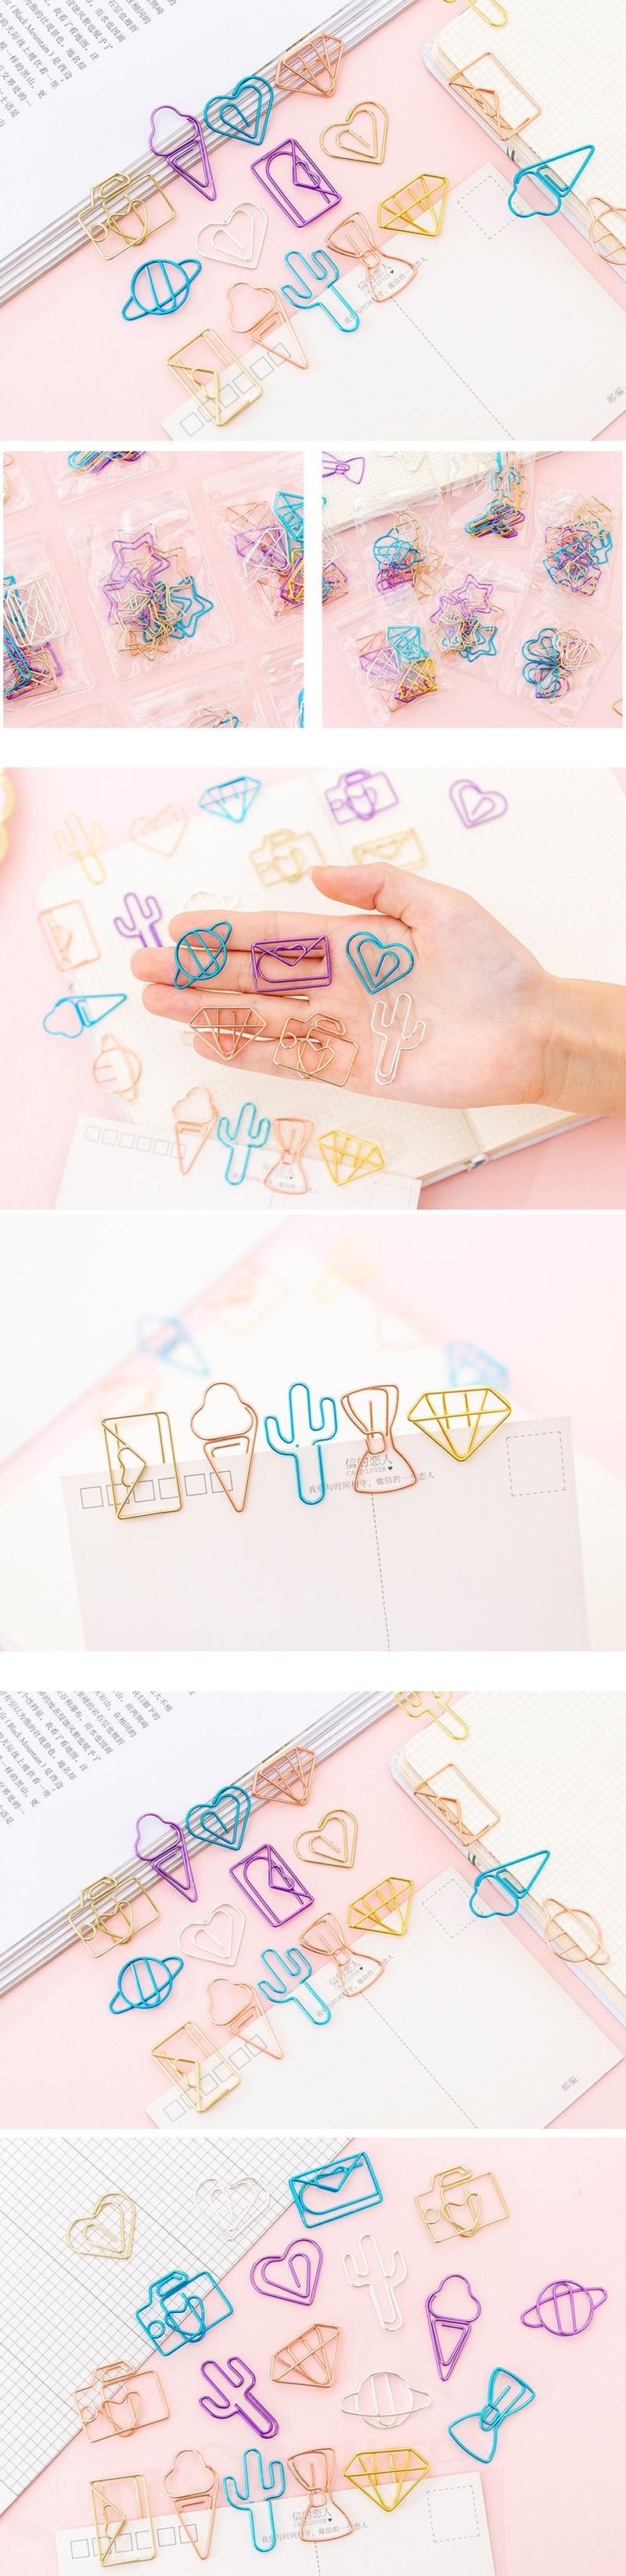 10 шт./партия металлический милый конверт мороженое студенческий Закладка планировщик бумажный зажим материал Эсколар закладки для книги канцелярские принадлежности